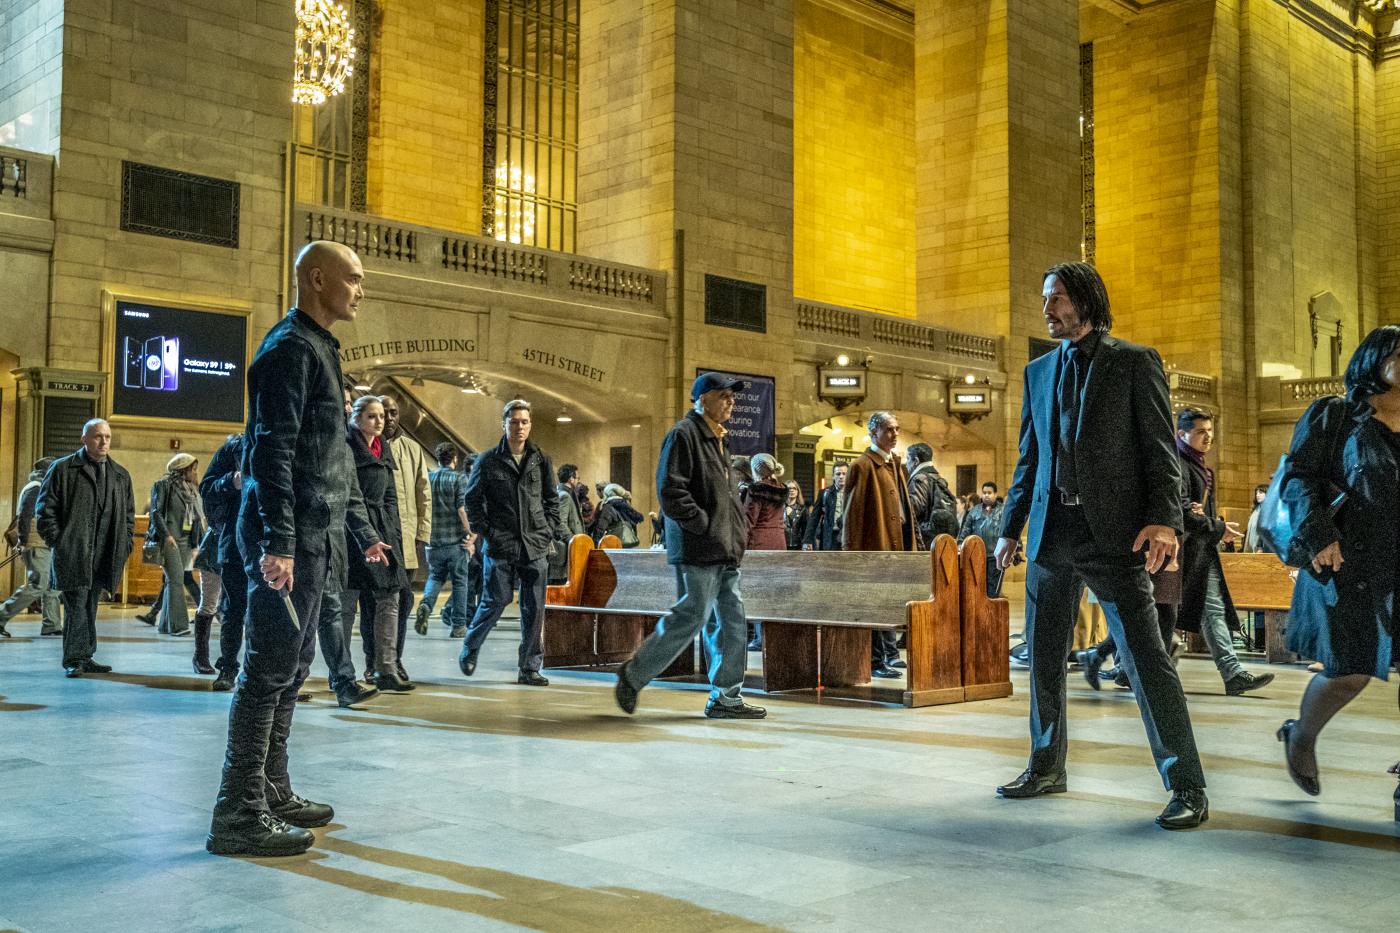 Eine bedrohliche Kampfszene in der New York Central Station in John Wick: Kapitel 3